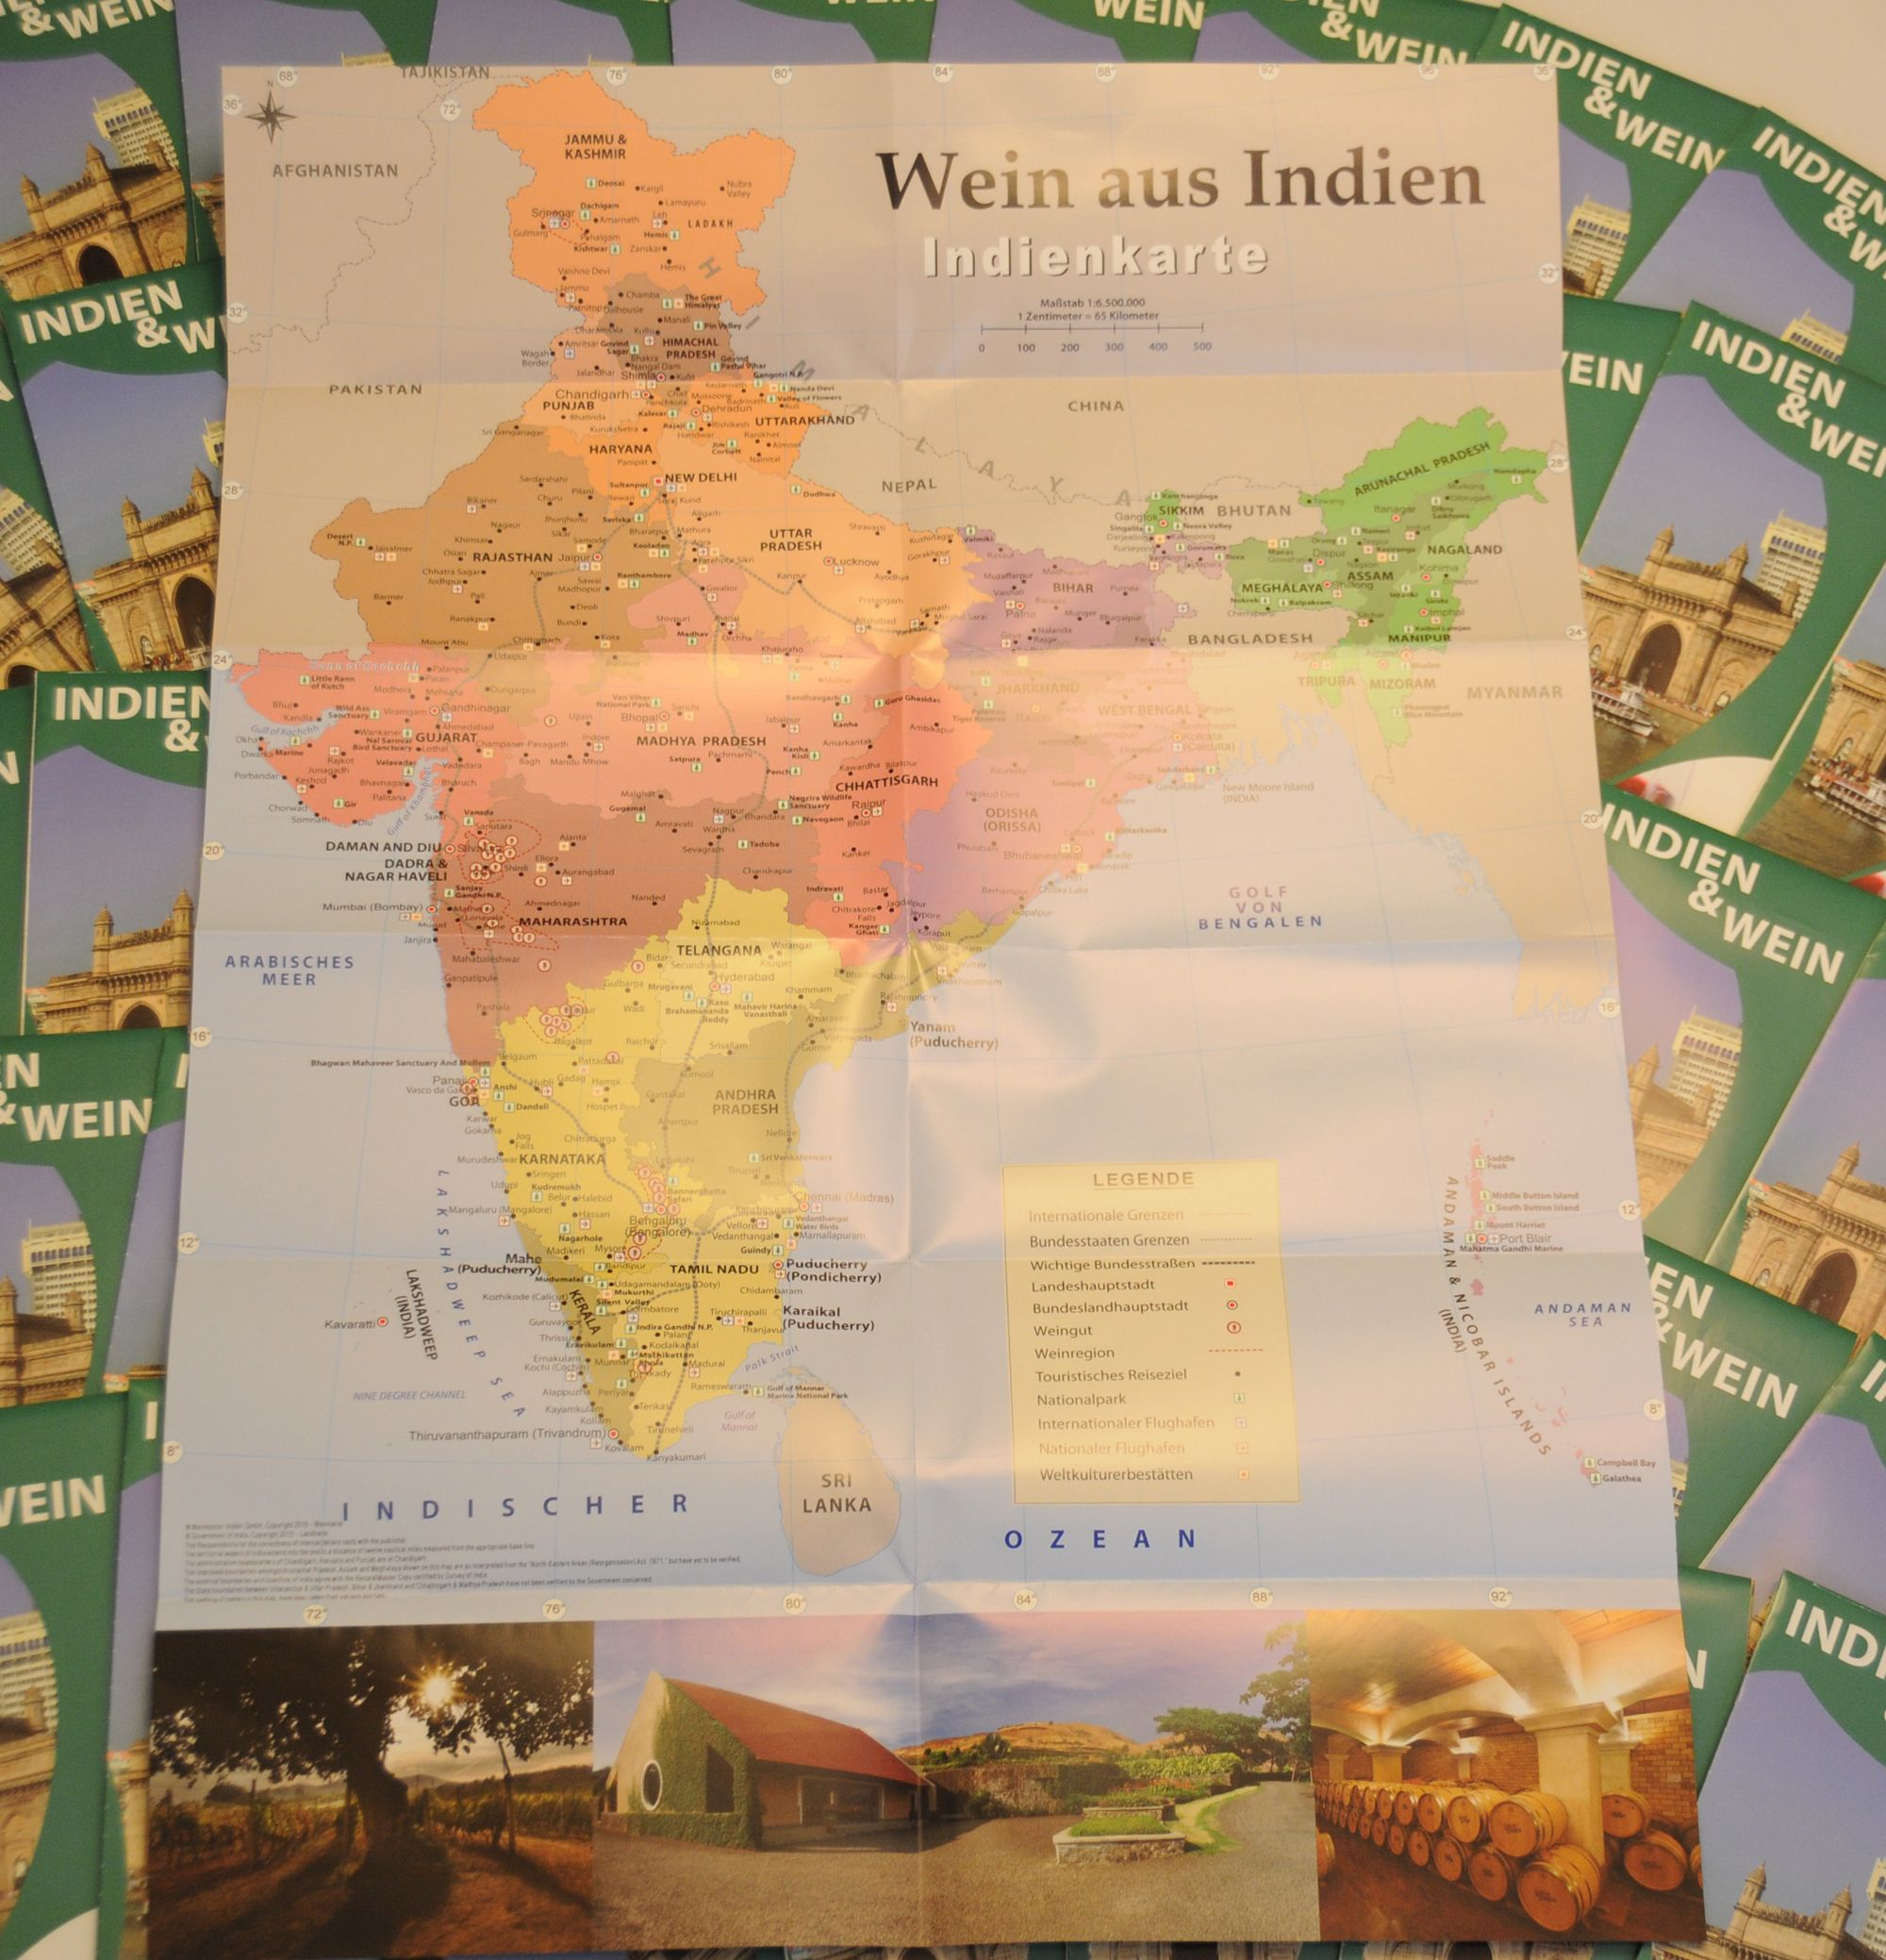 Wein aus Indien - Indienkarte